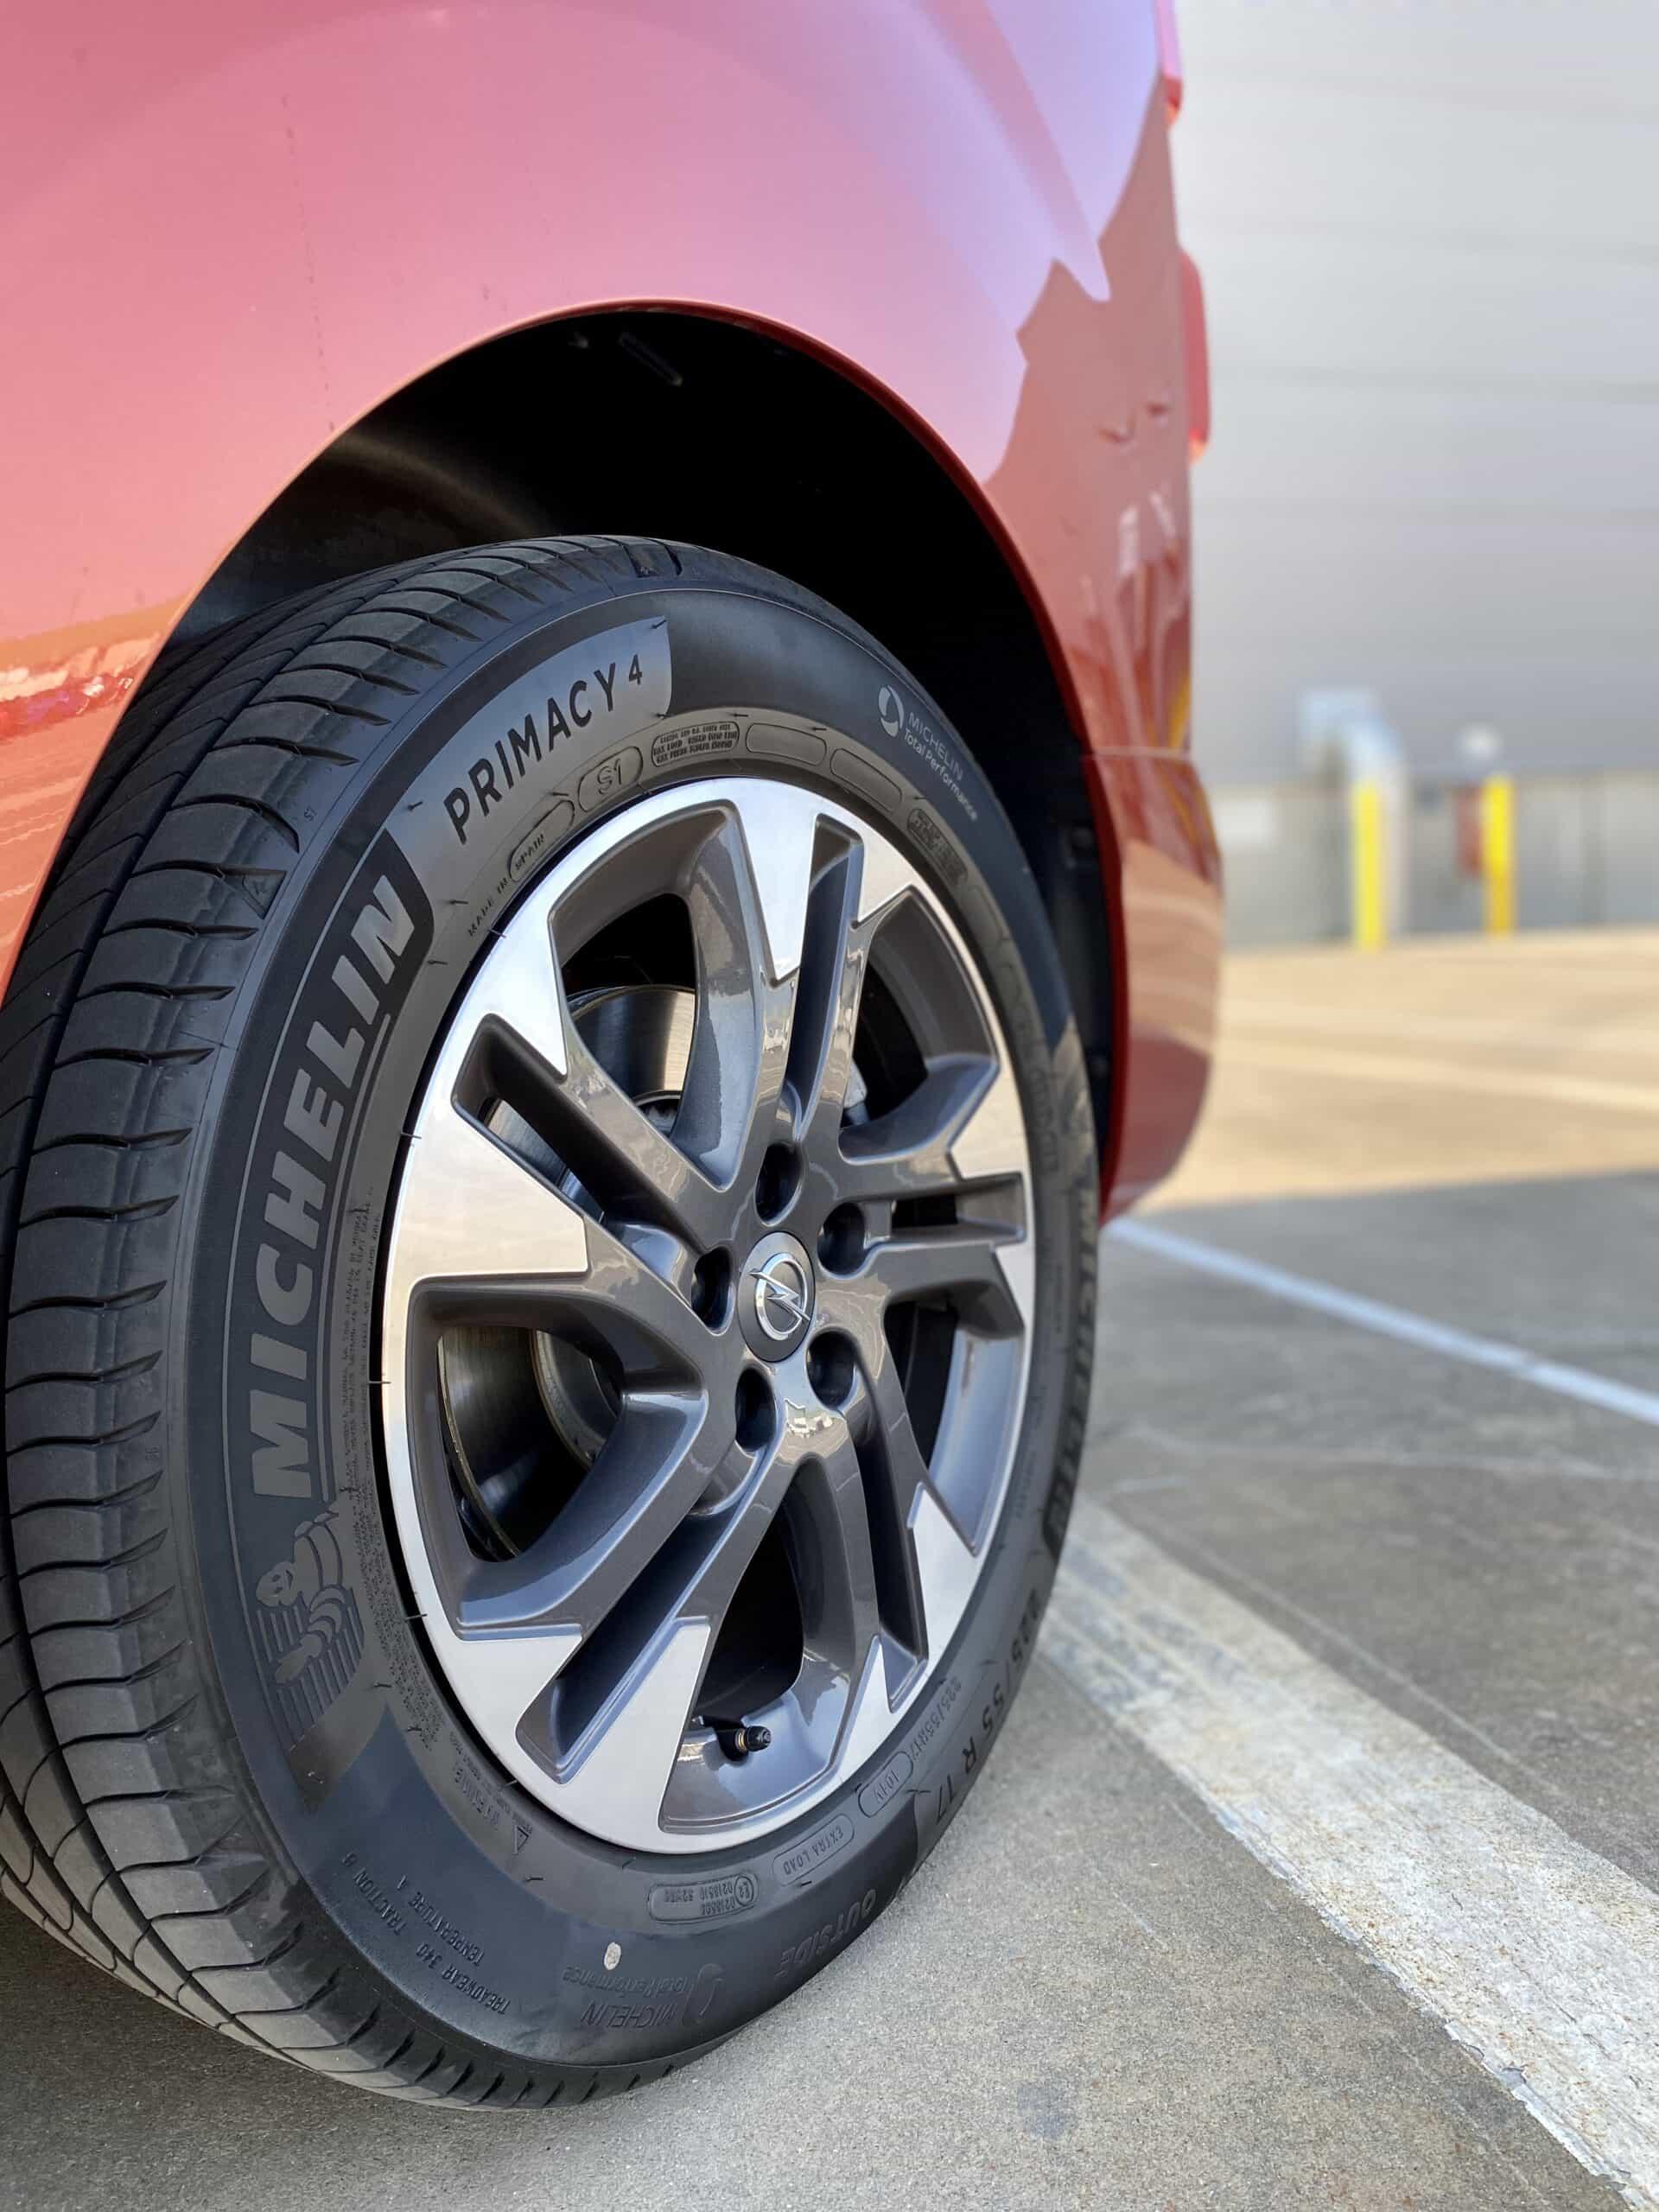 2020 Opel Zafira-e Life (136 PS) Elektrischer Schwiegertraum!? Fahrbericht | Review | Test